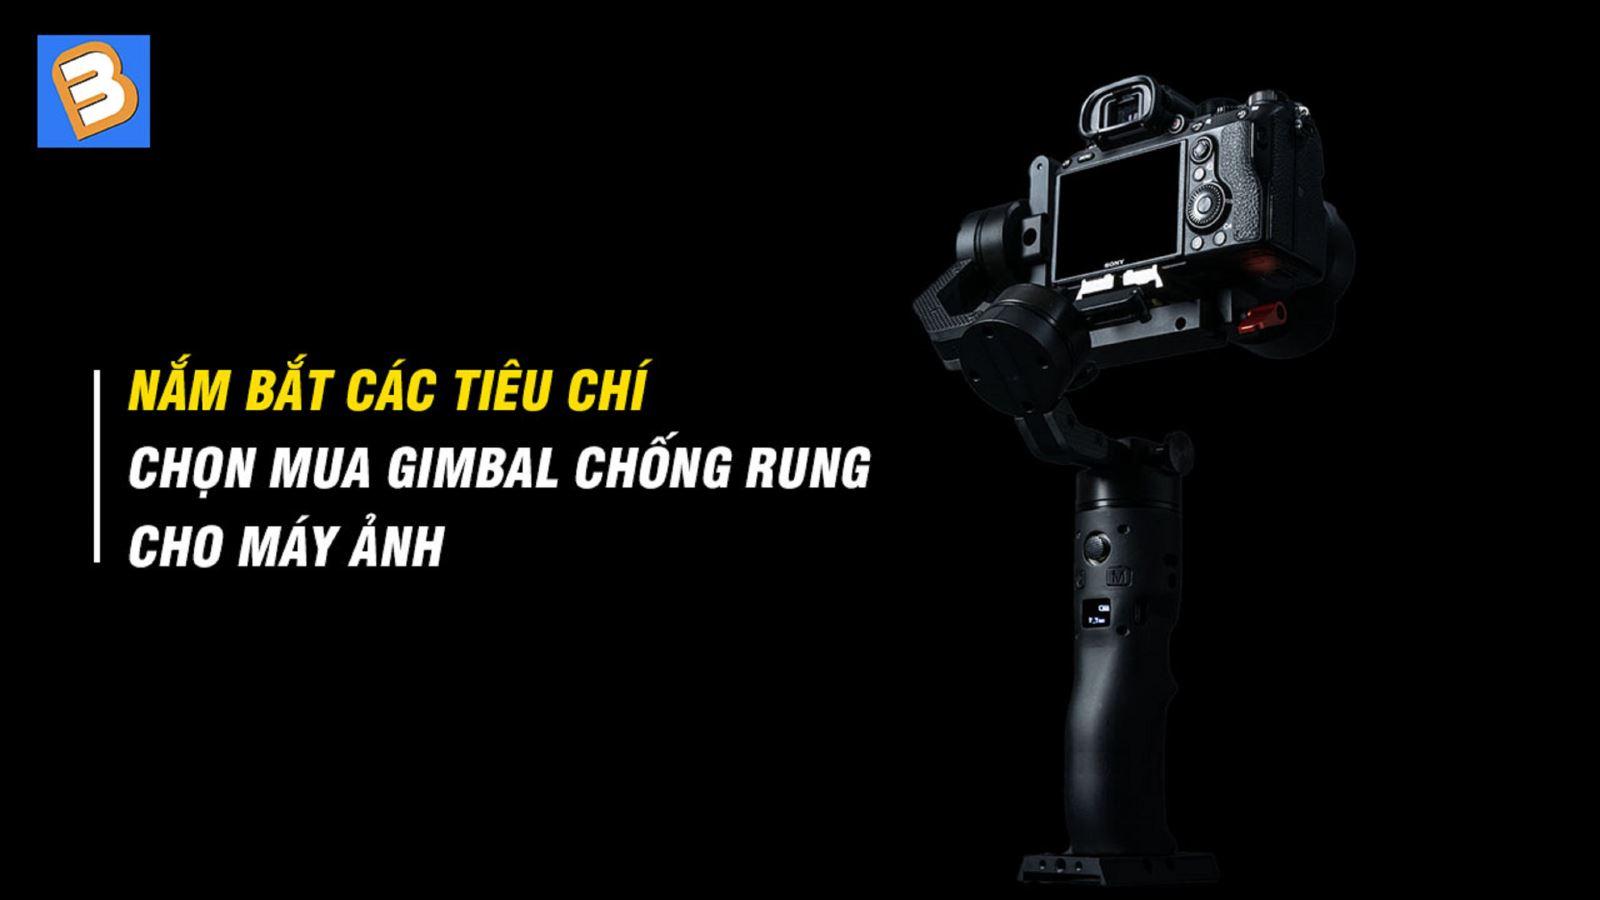 Nắm bắt các tiêu chíchọn mua gimbal chống rung cho máy ảnh